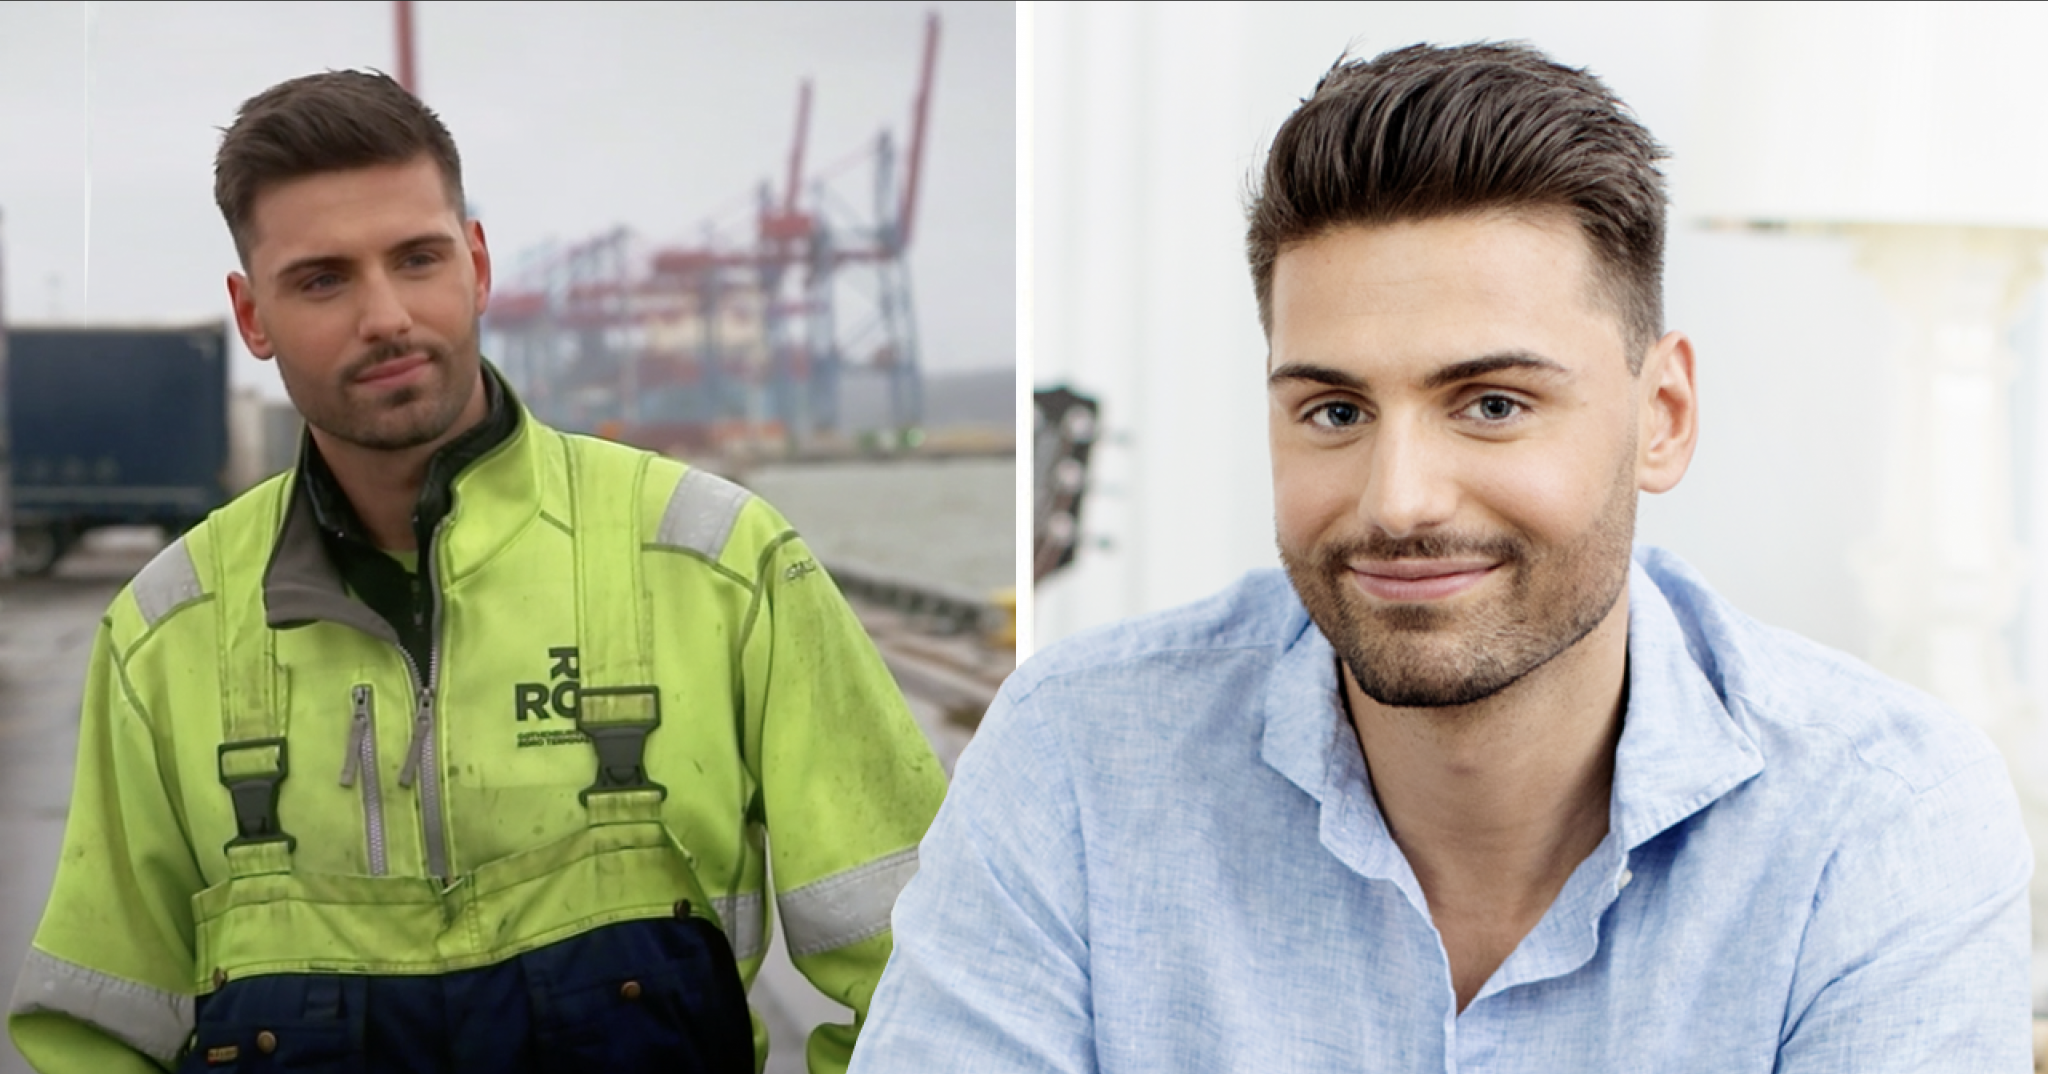 William Karlsson, Bachelor 2020 jobbar i hamnen